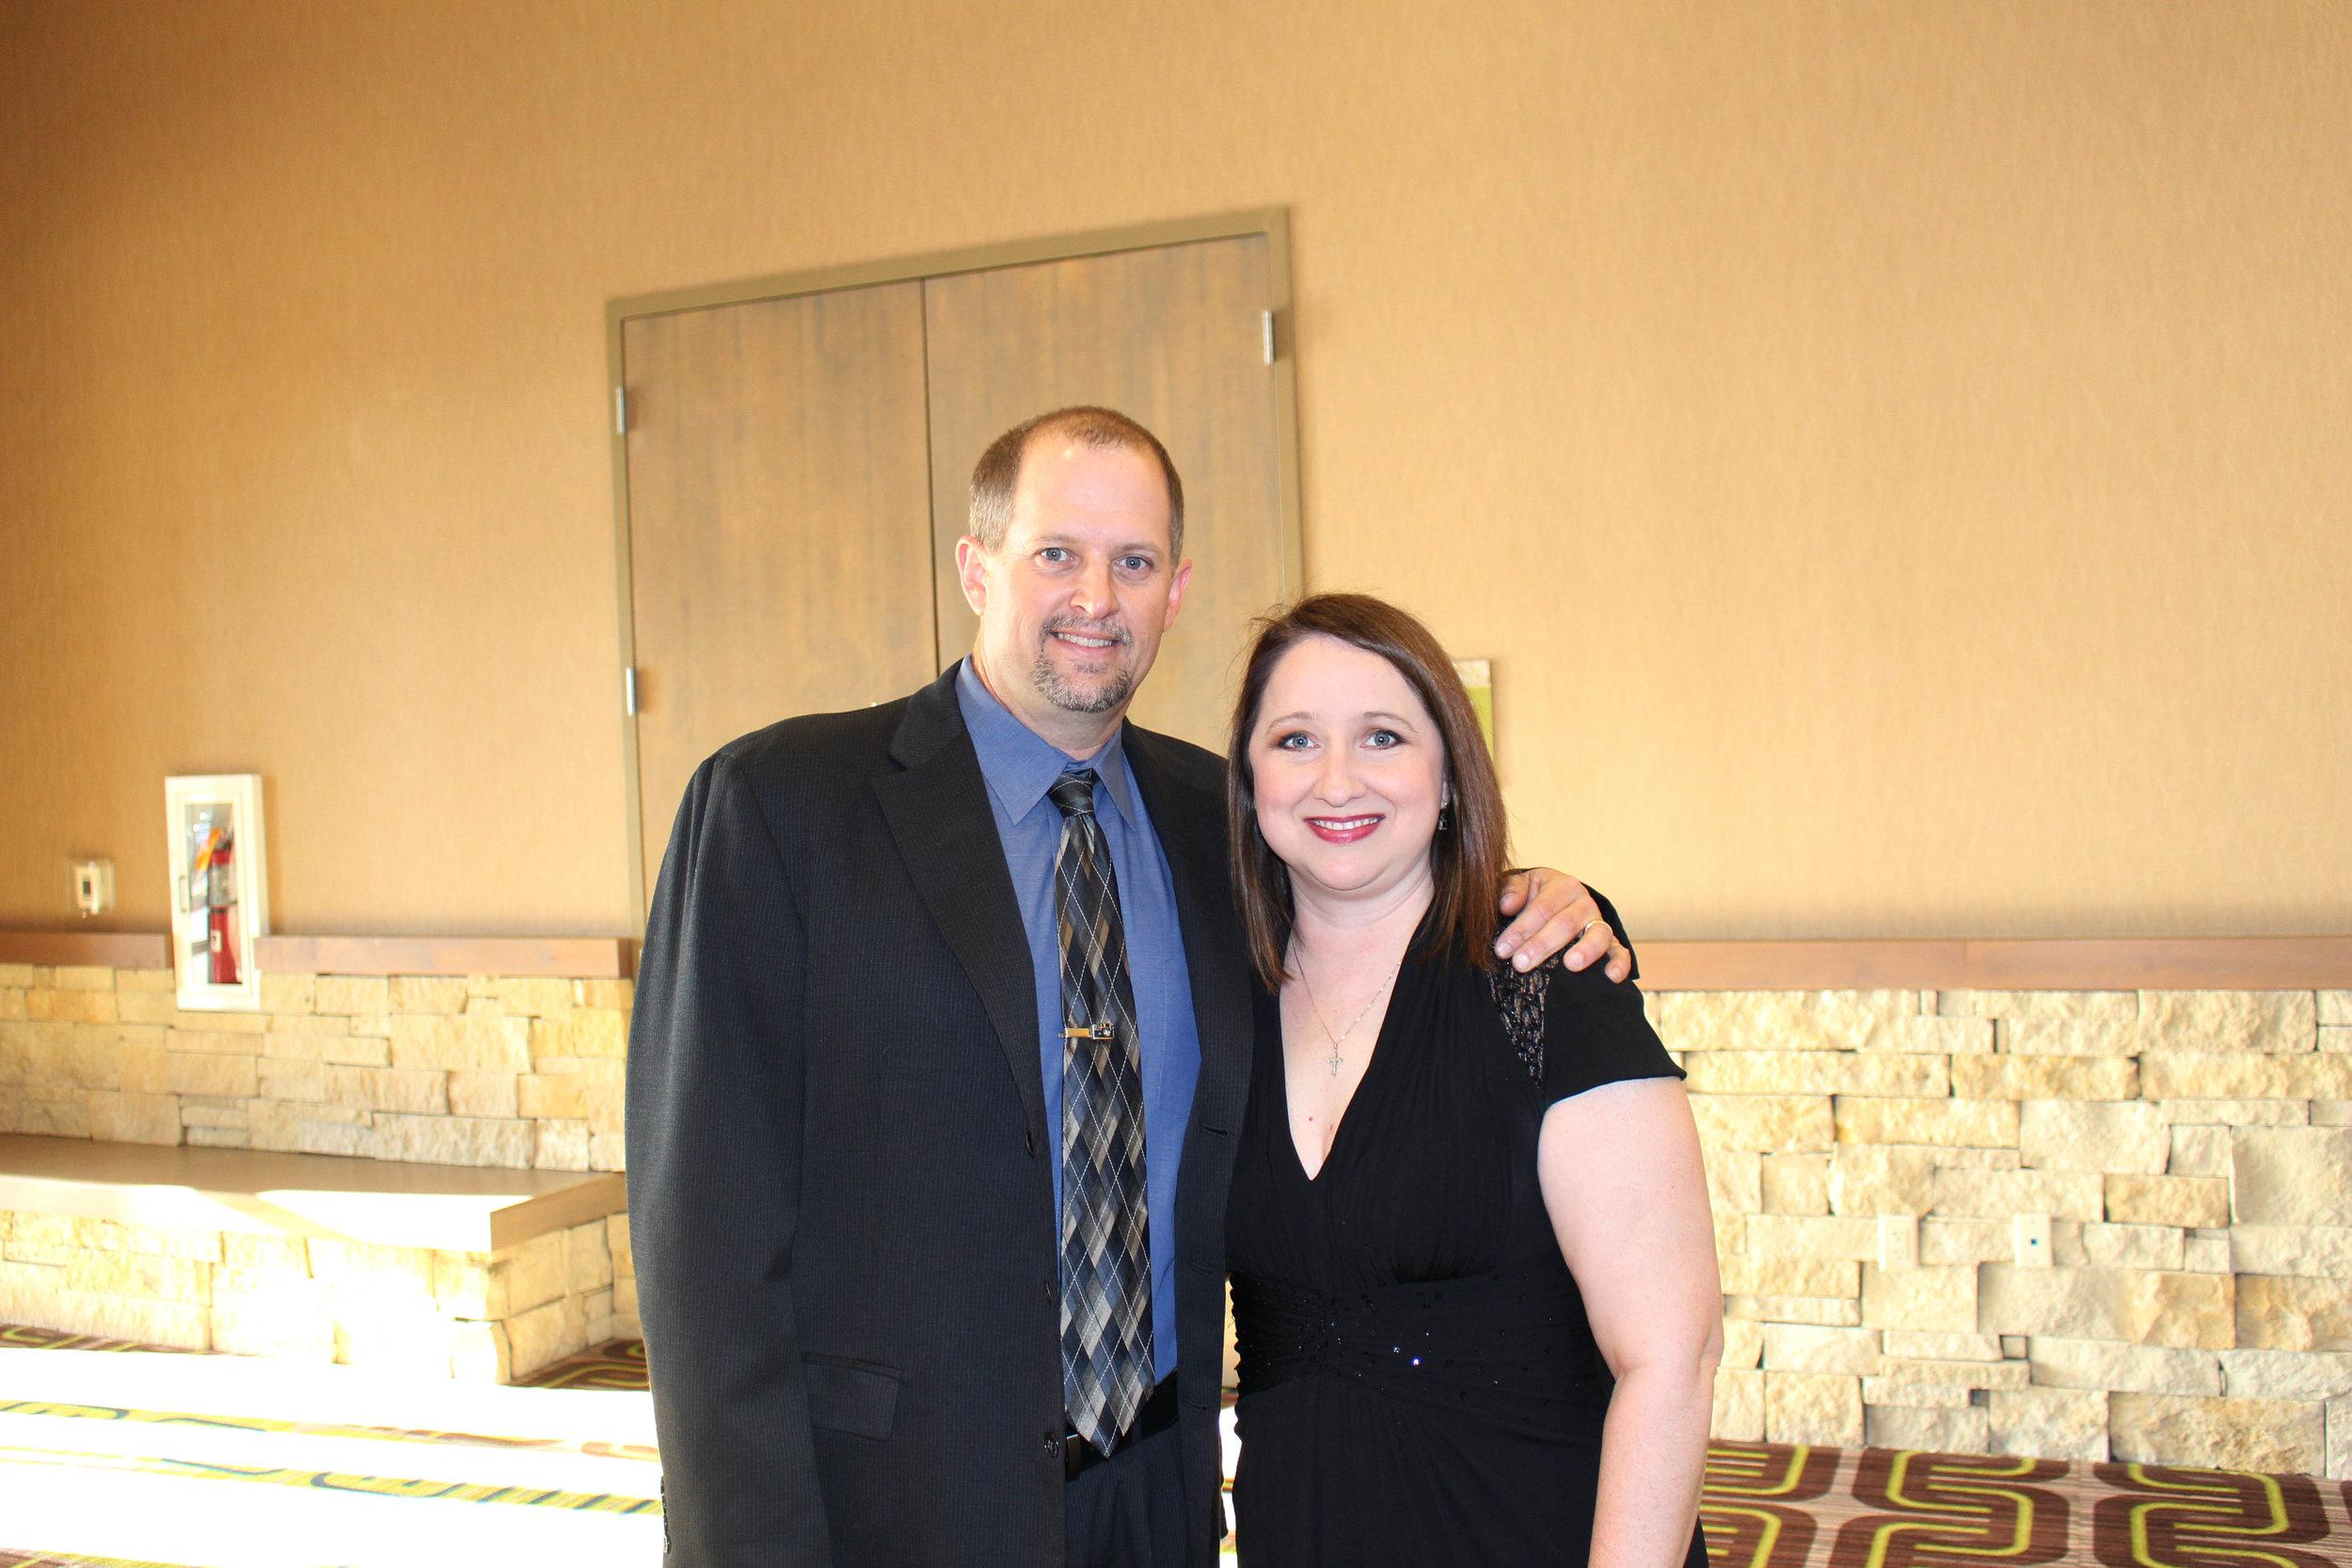 Burns and Rebecca Barr